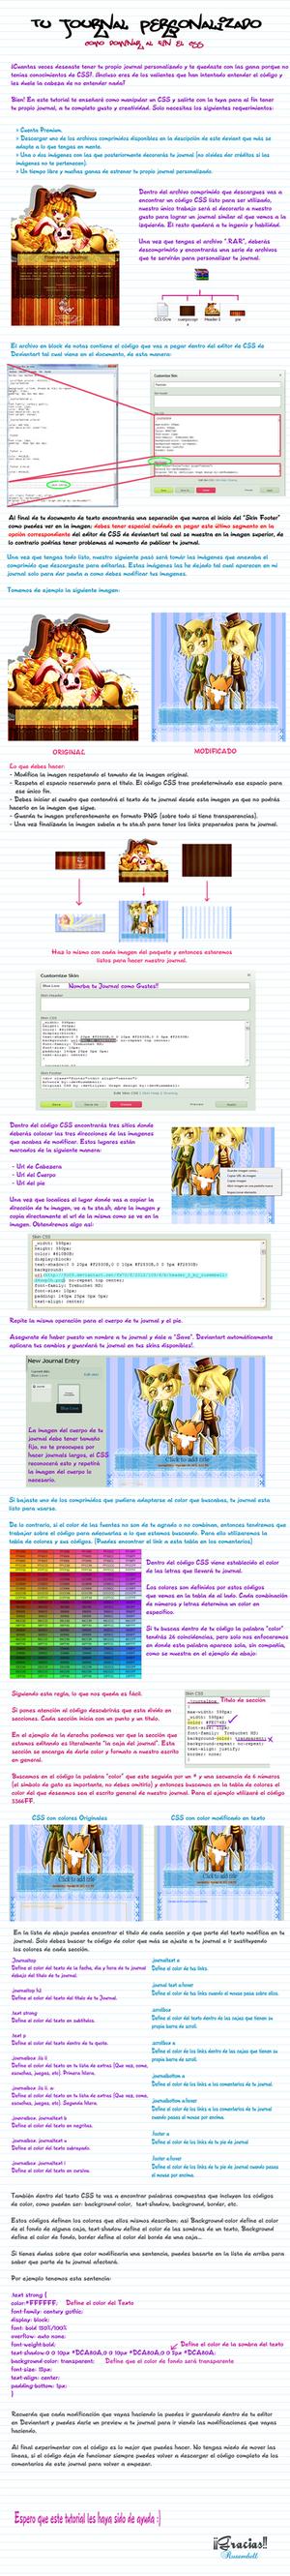 Practice CSS coding